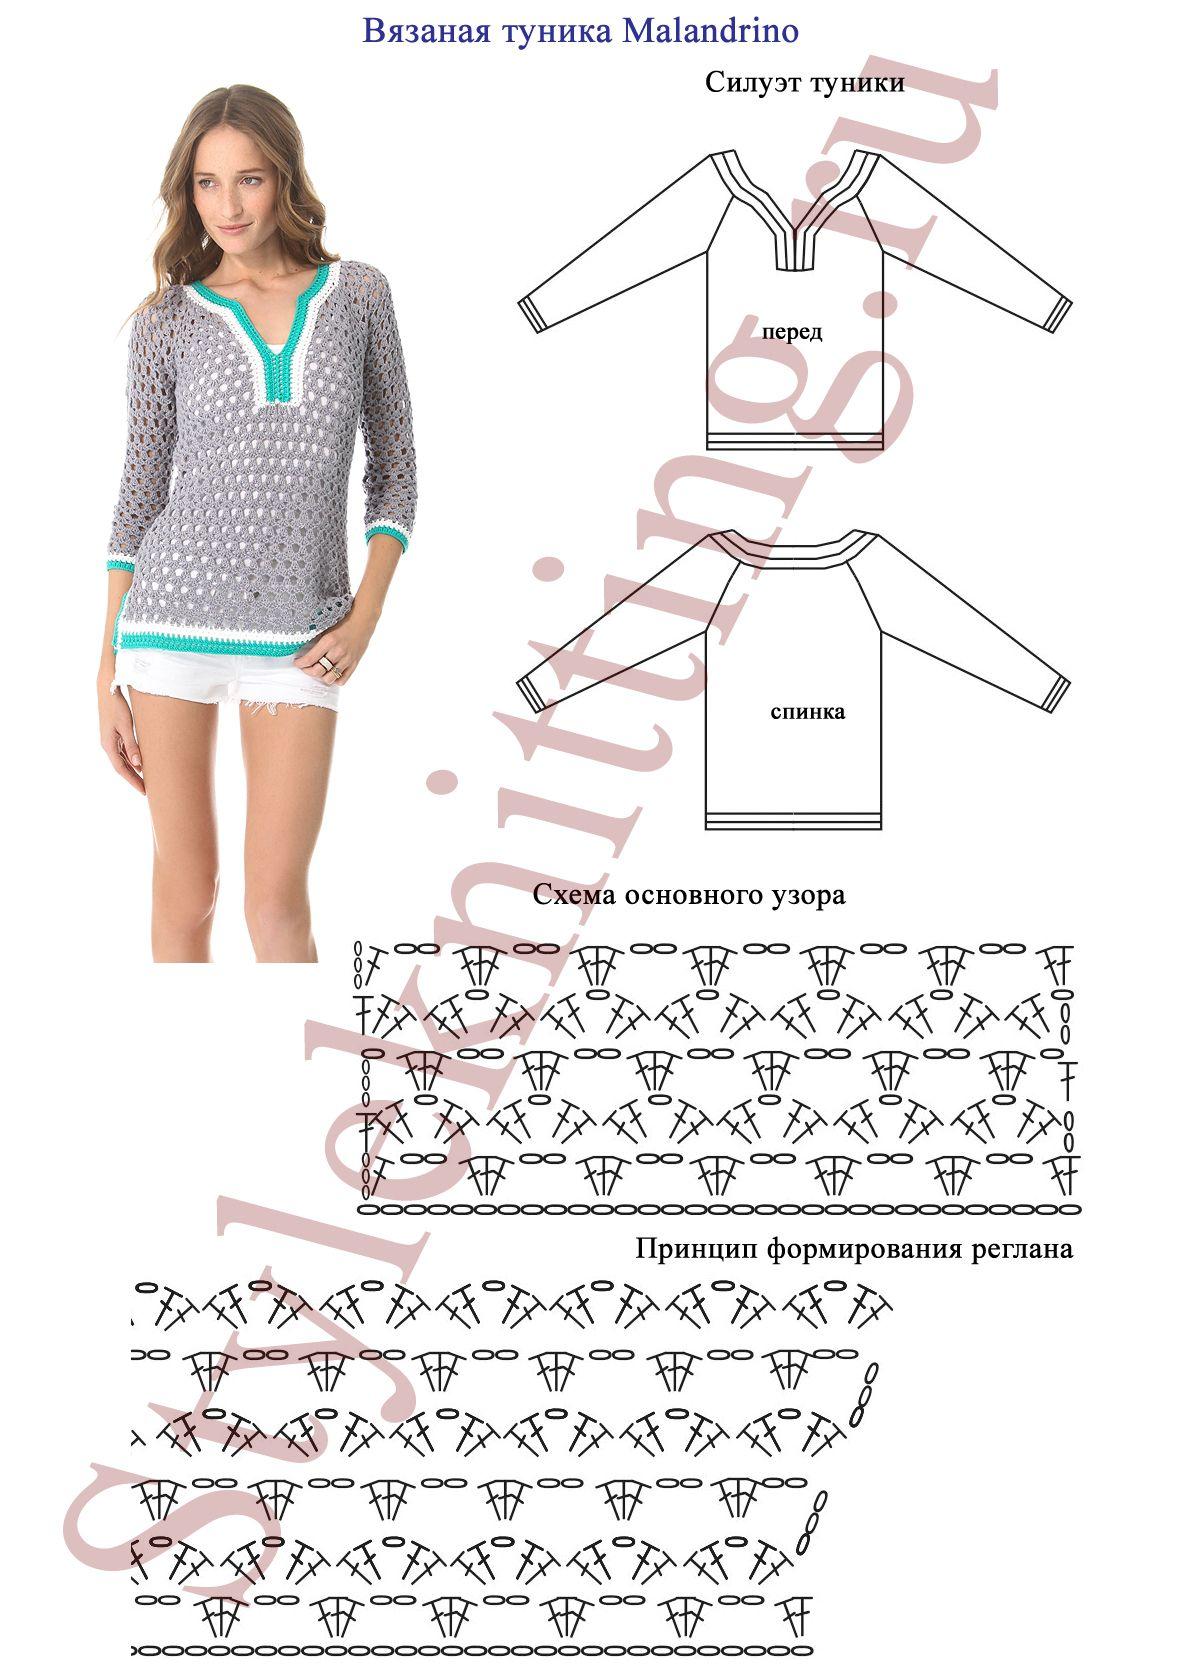 вязание крючком схемы модели бесплатно Remera Blusas Croché и